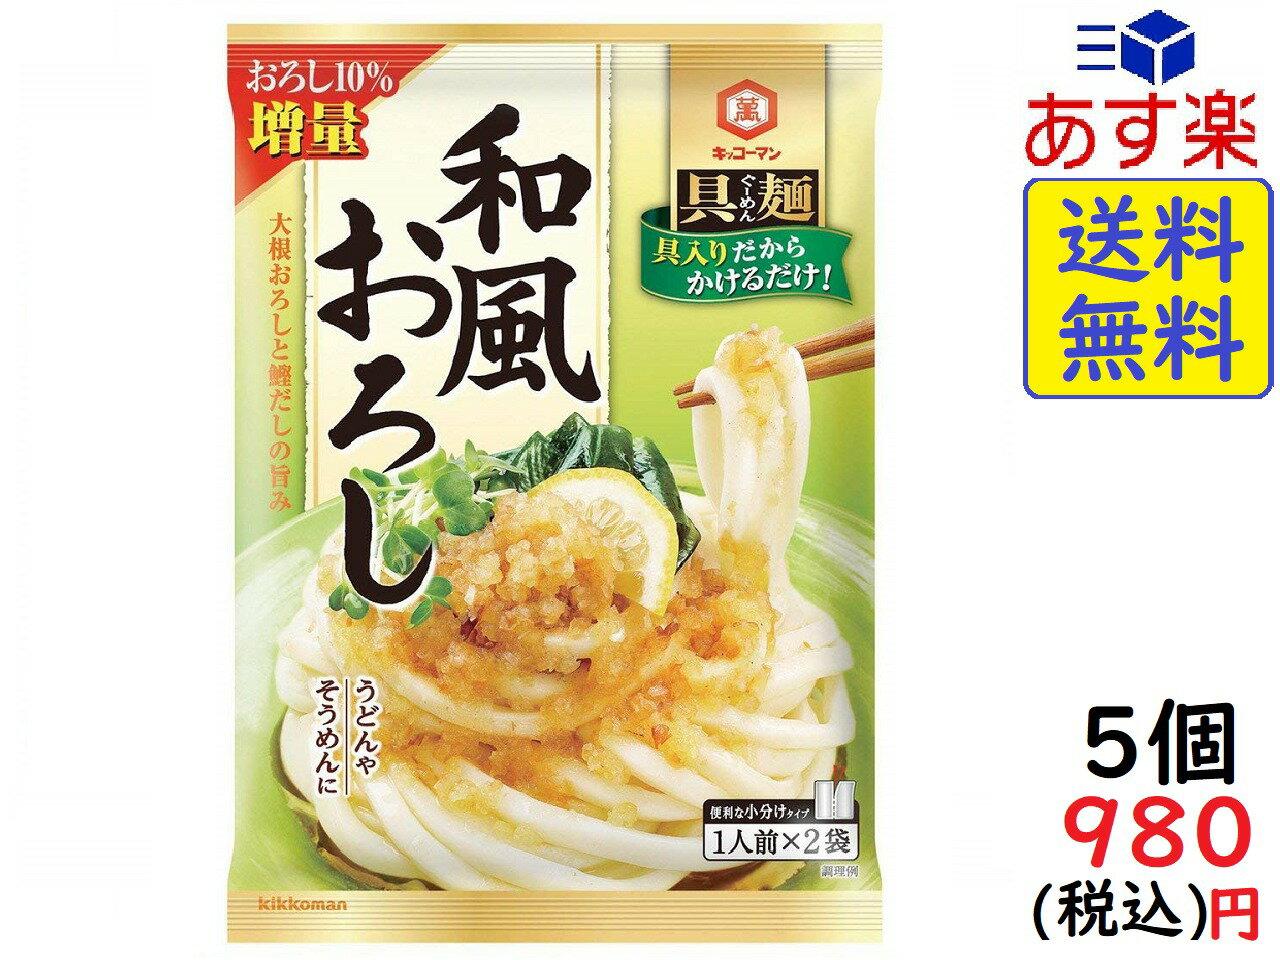 キッコーマン 具麺 和風おろし 120g(2人前)×5個 賞味期限 2019/12/05